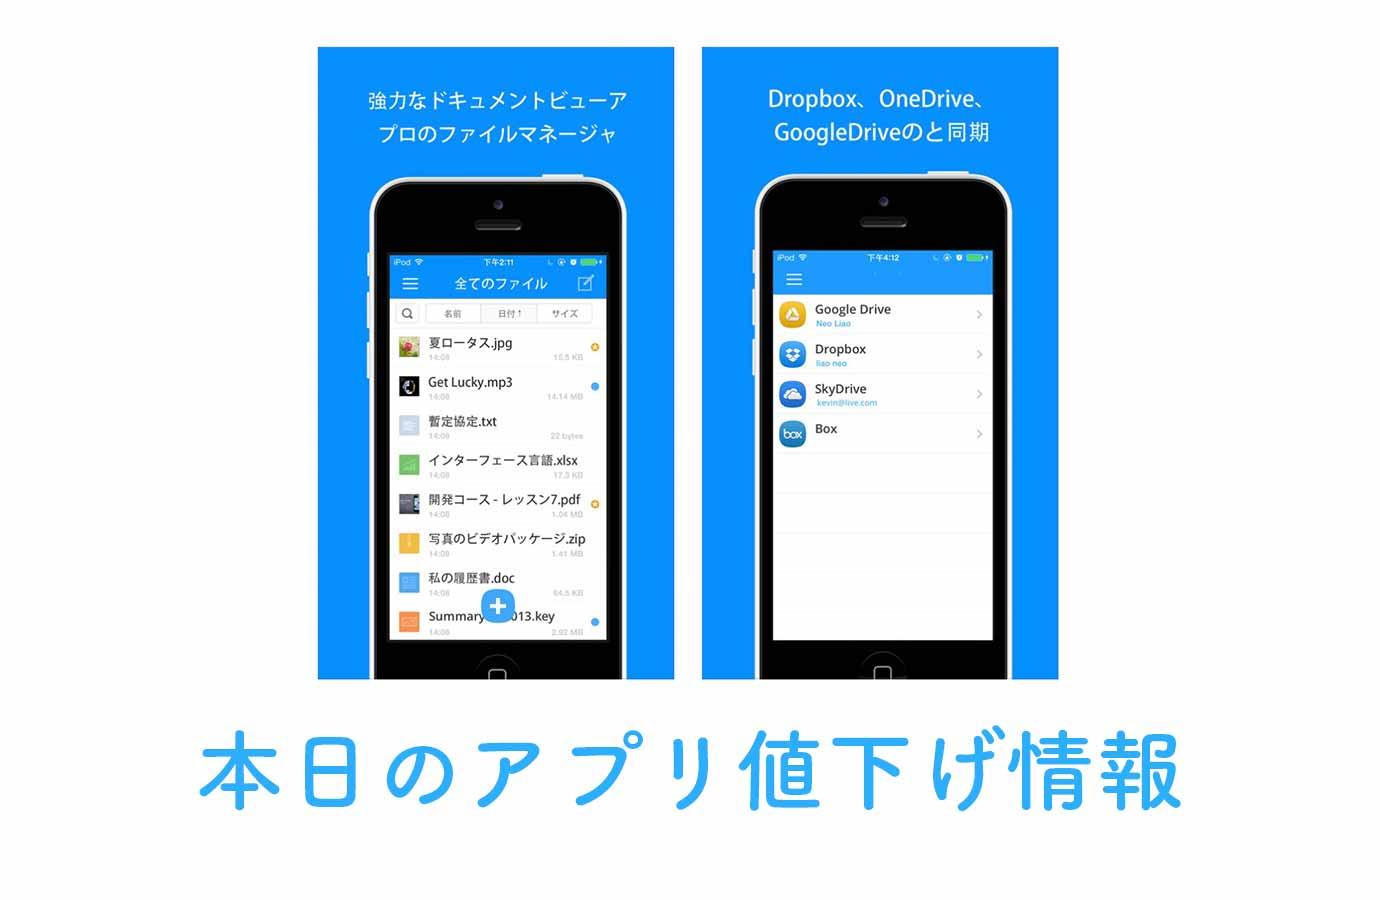 120円→無料!ファイルマネージャーアプリ「Briefcase Pro」など【10/16】アプリ値下げ情報